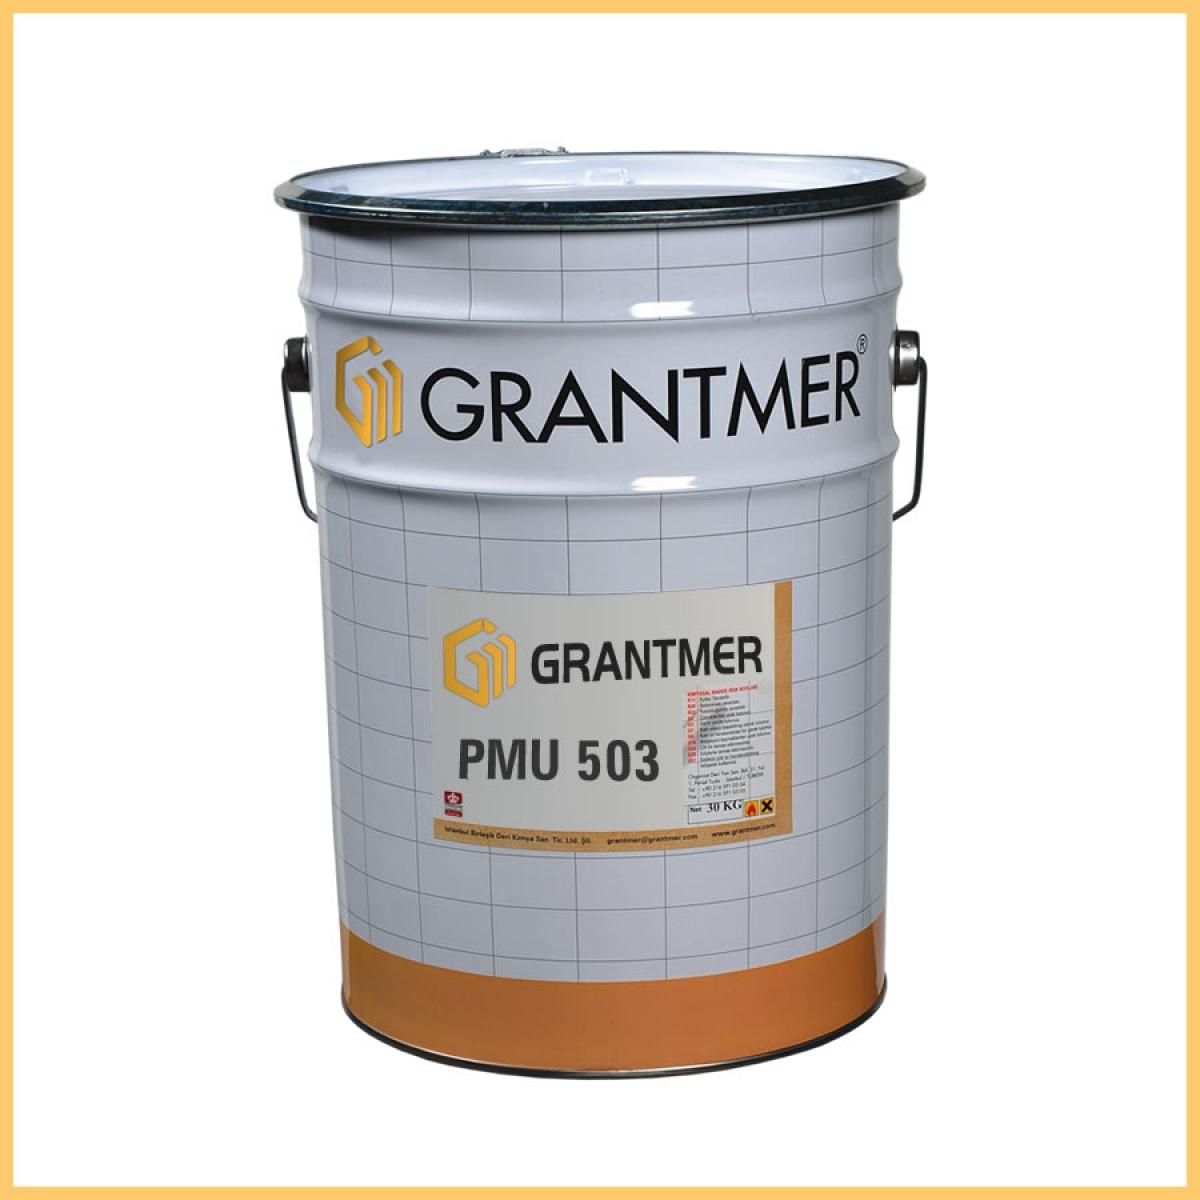 GRANTMER PMU 503